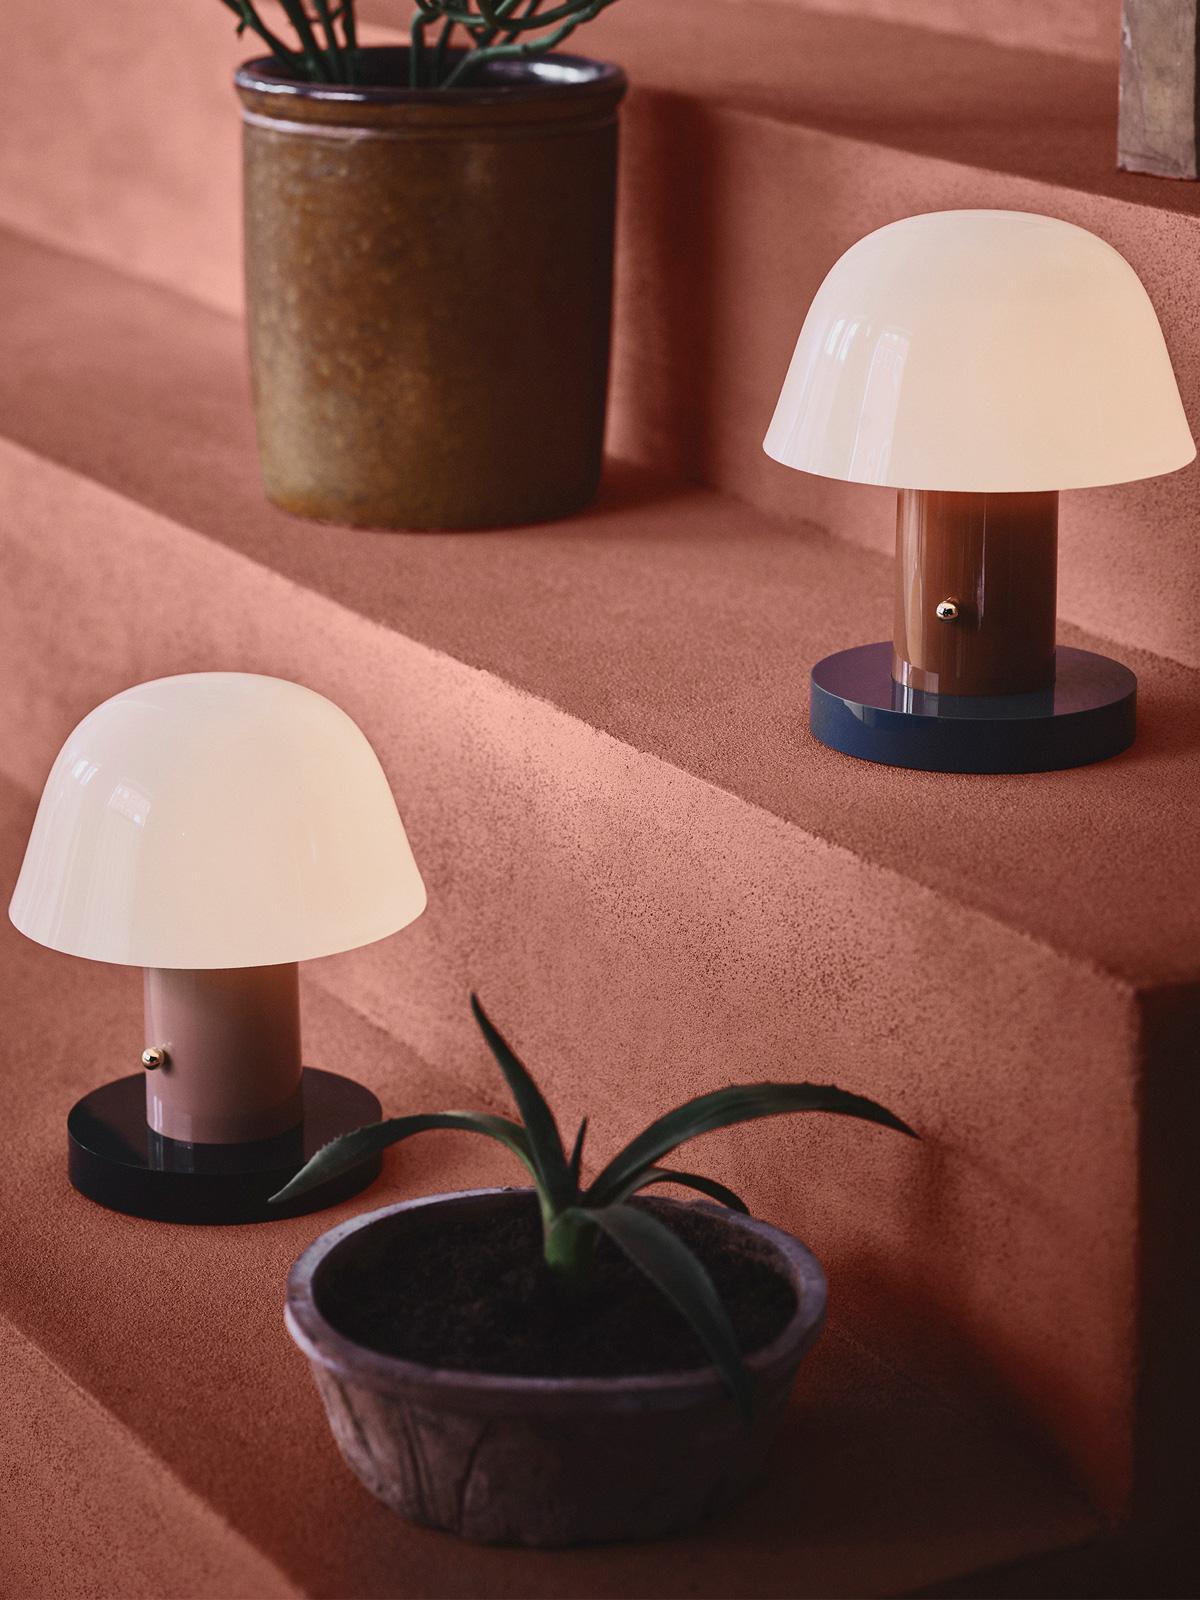 &tradition Setago Akk Leuchte LED aufladbar USB tragbar Setago Tischlampe DesignOrt Onlineshop Lampen Berlin